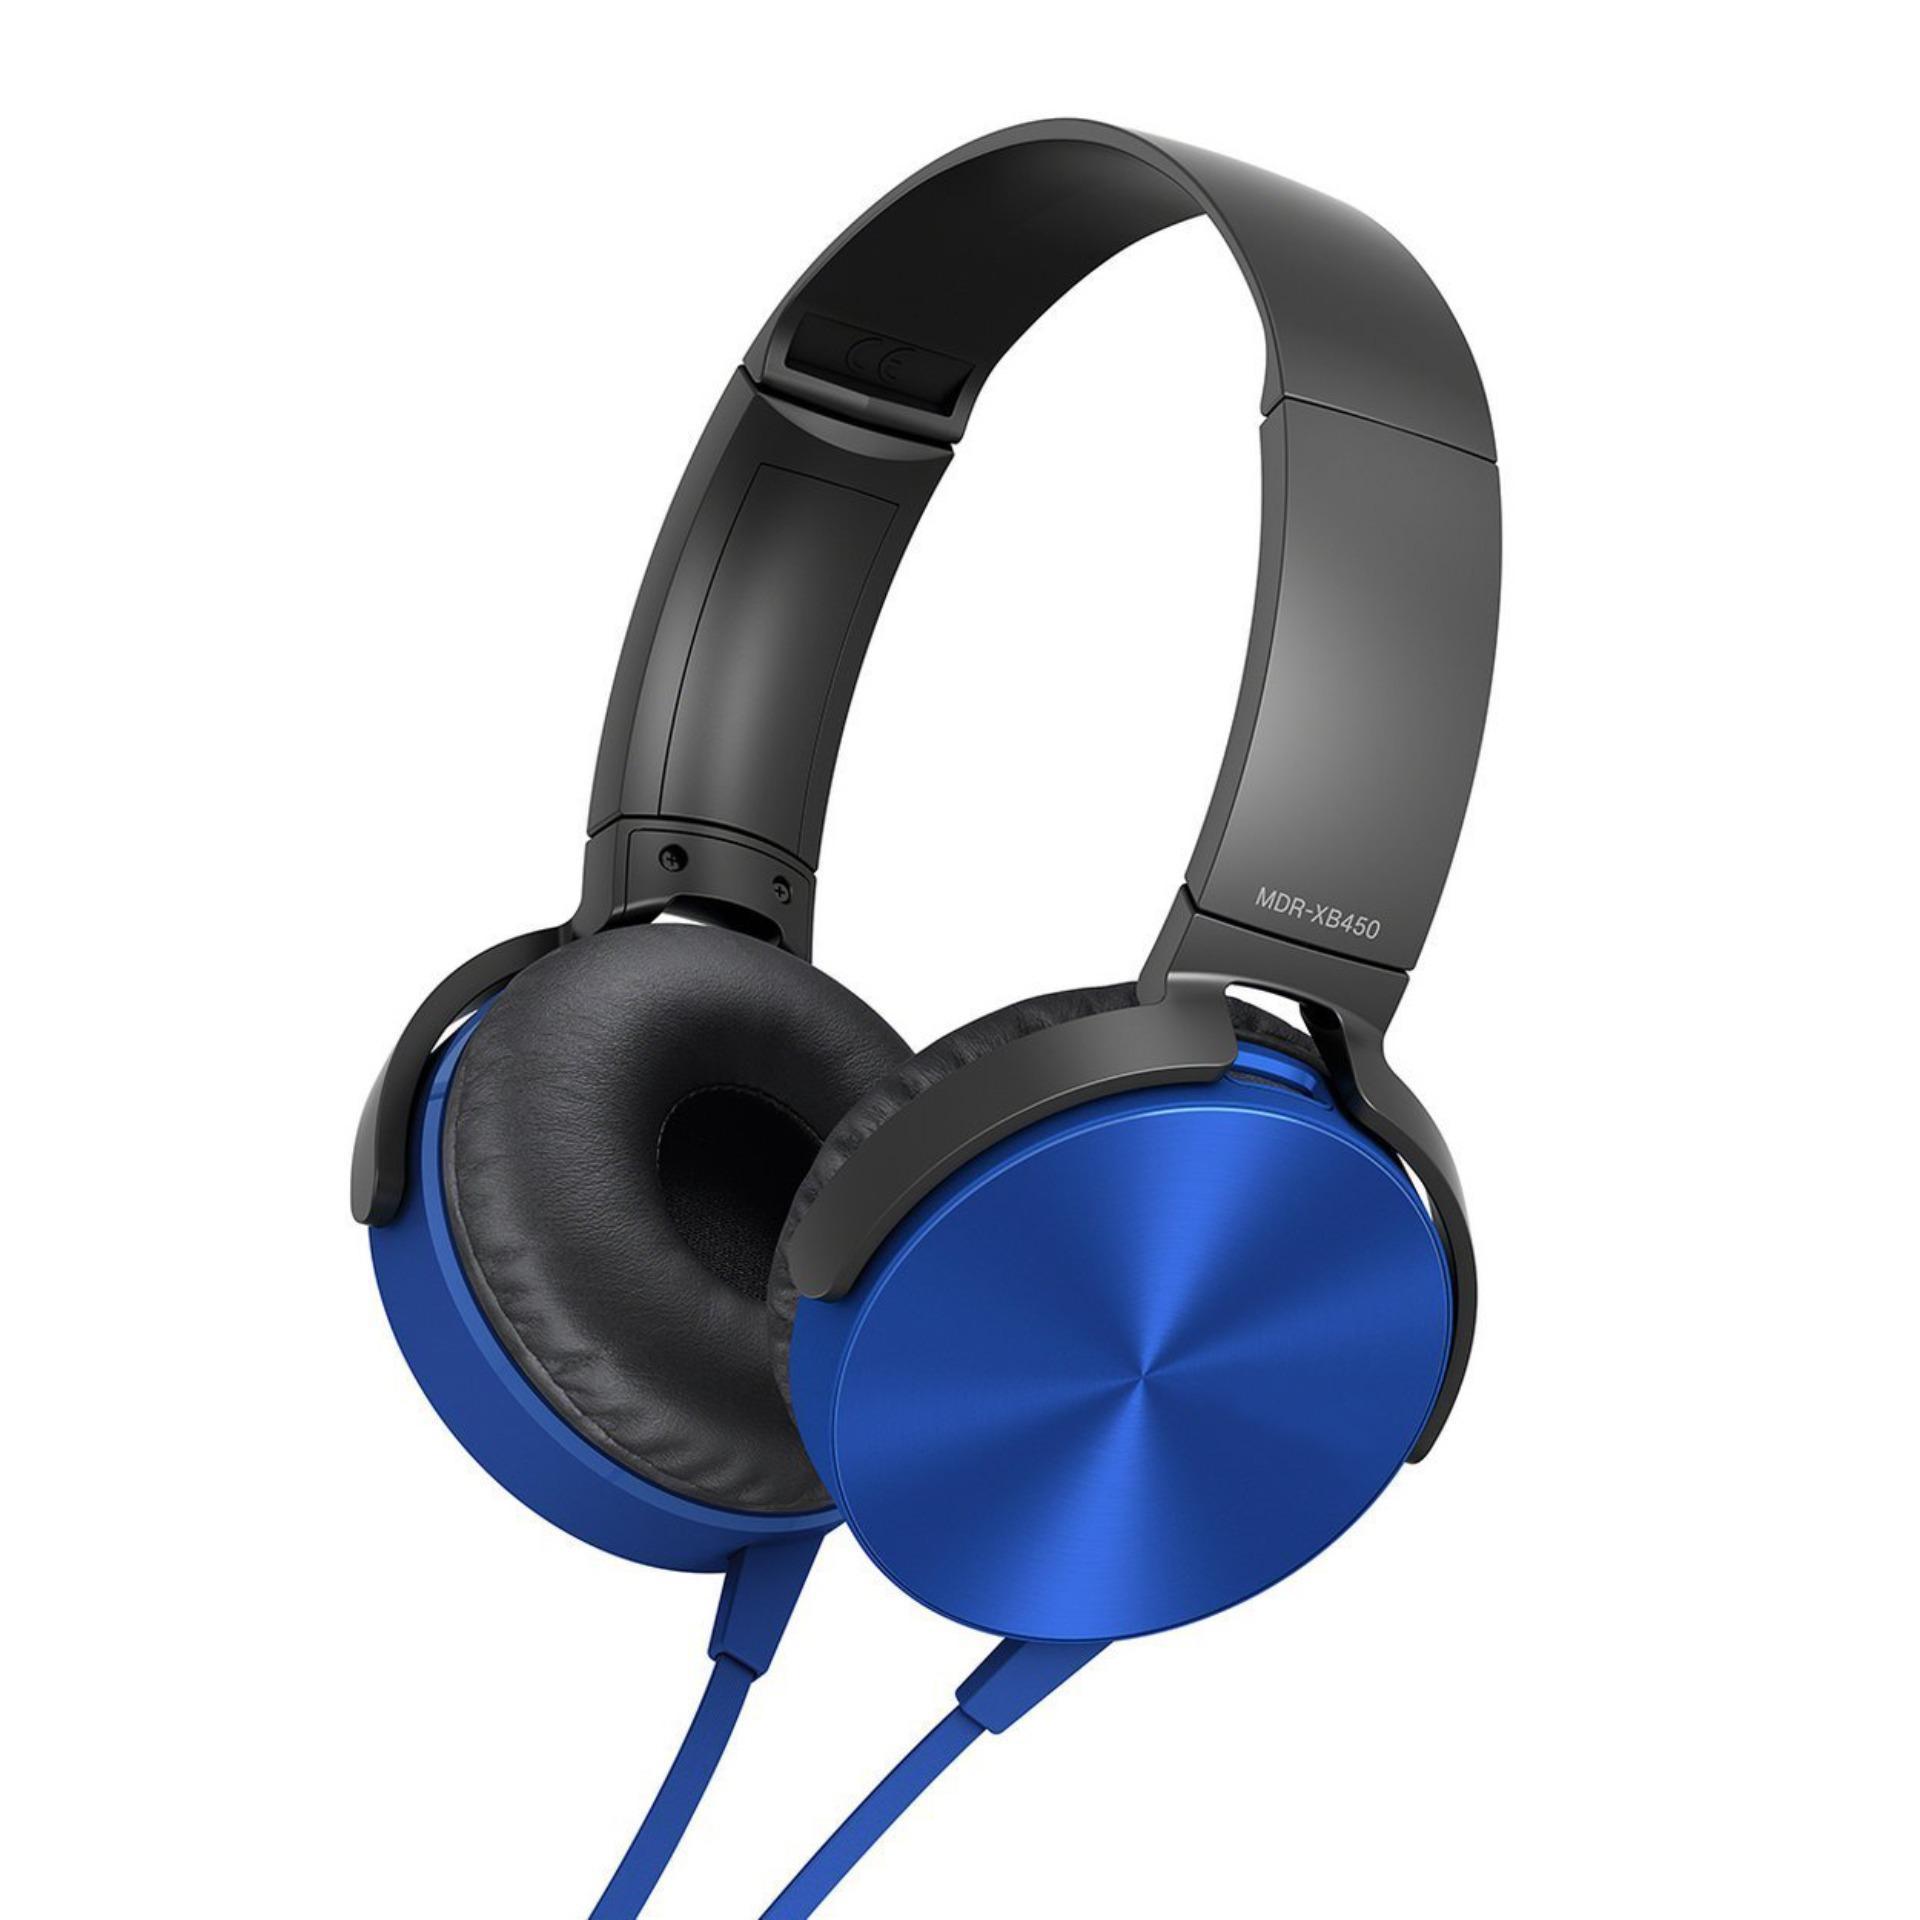 Spesifikasi Headphone Anugerah Headset Mdr Xb450Ap Yang Bagus